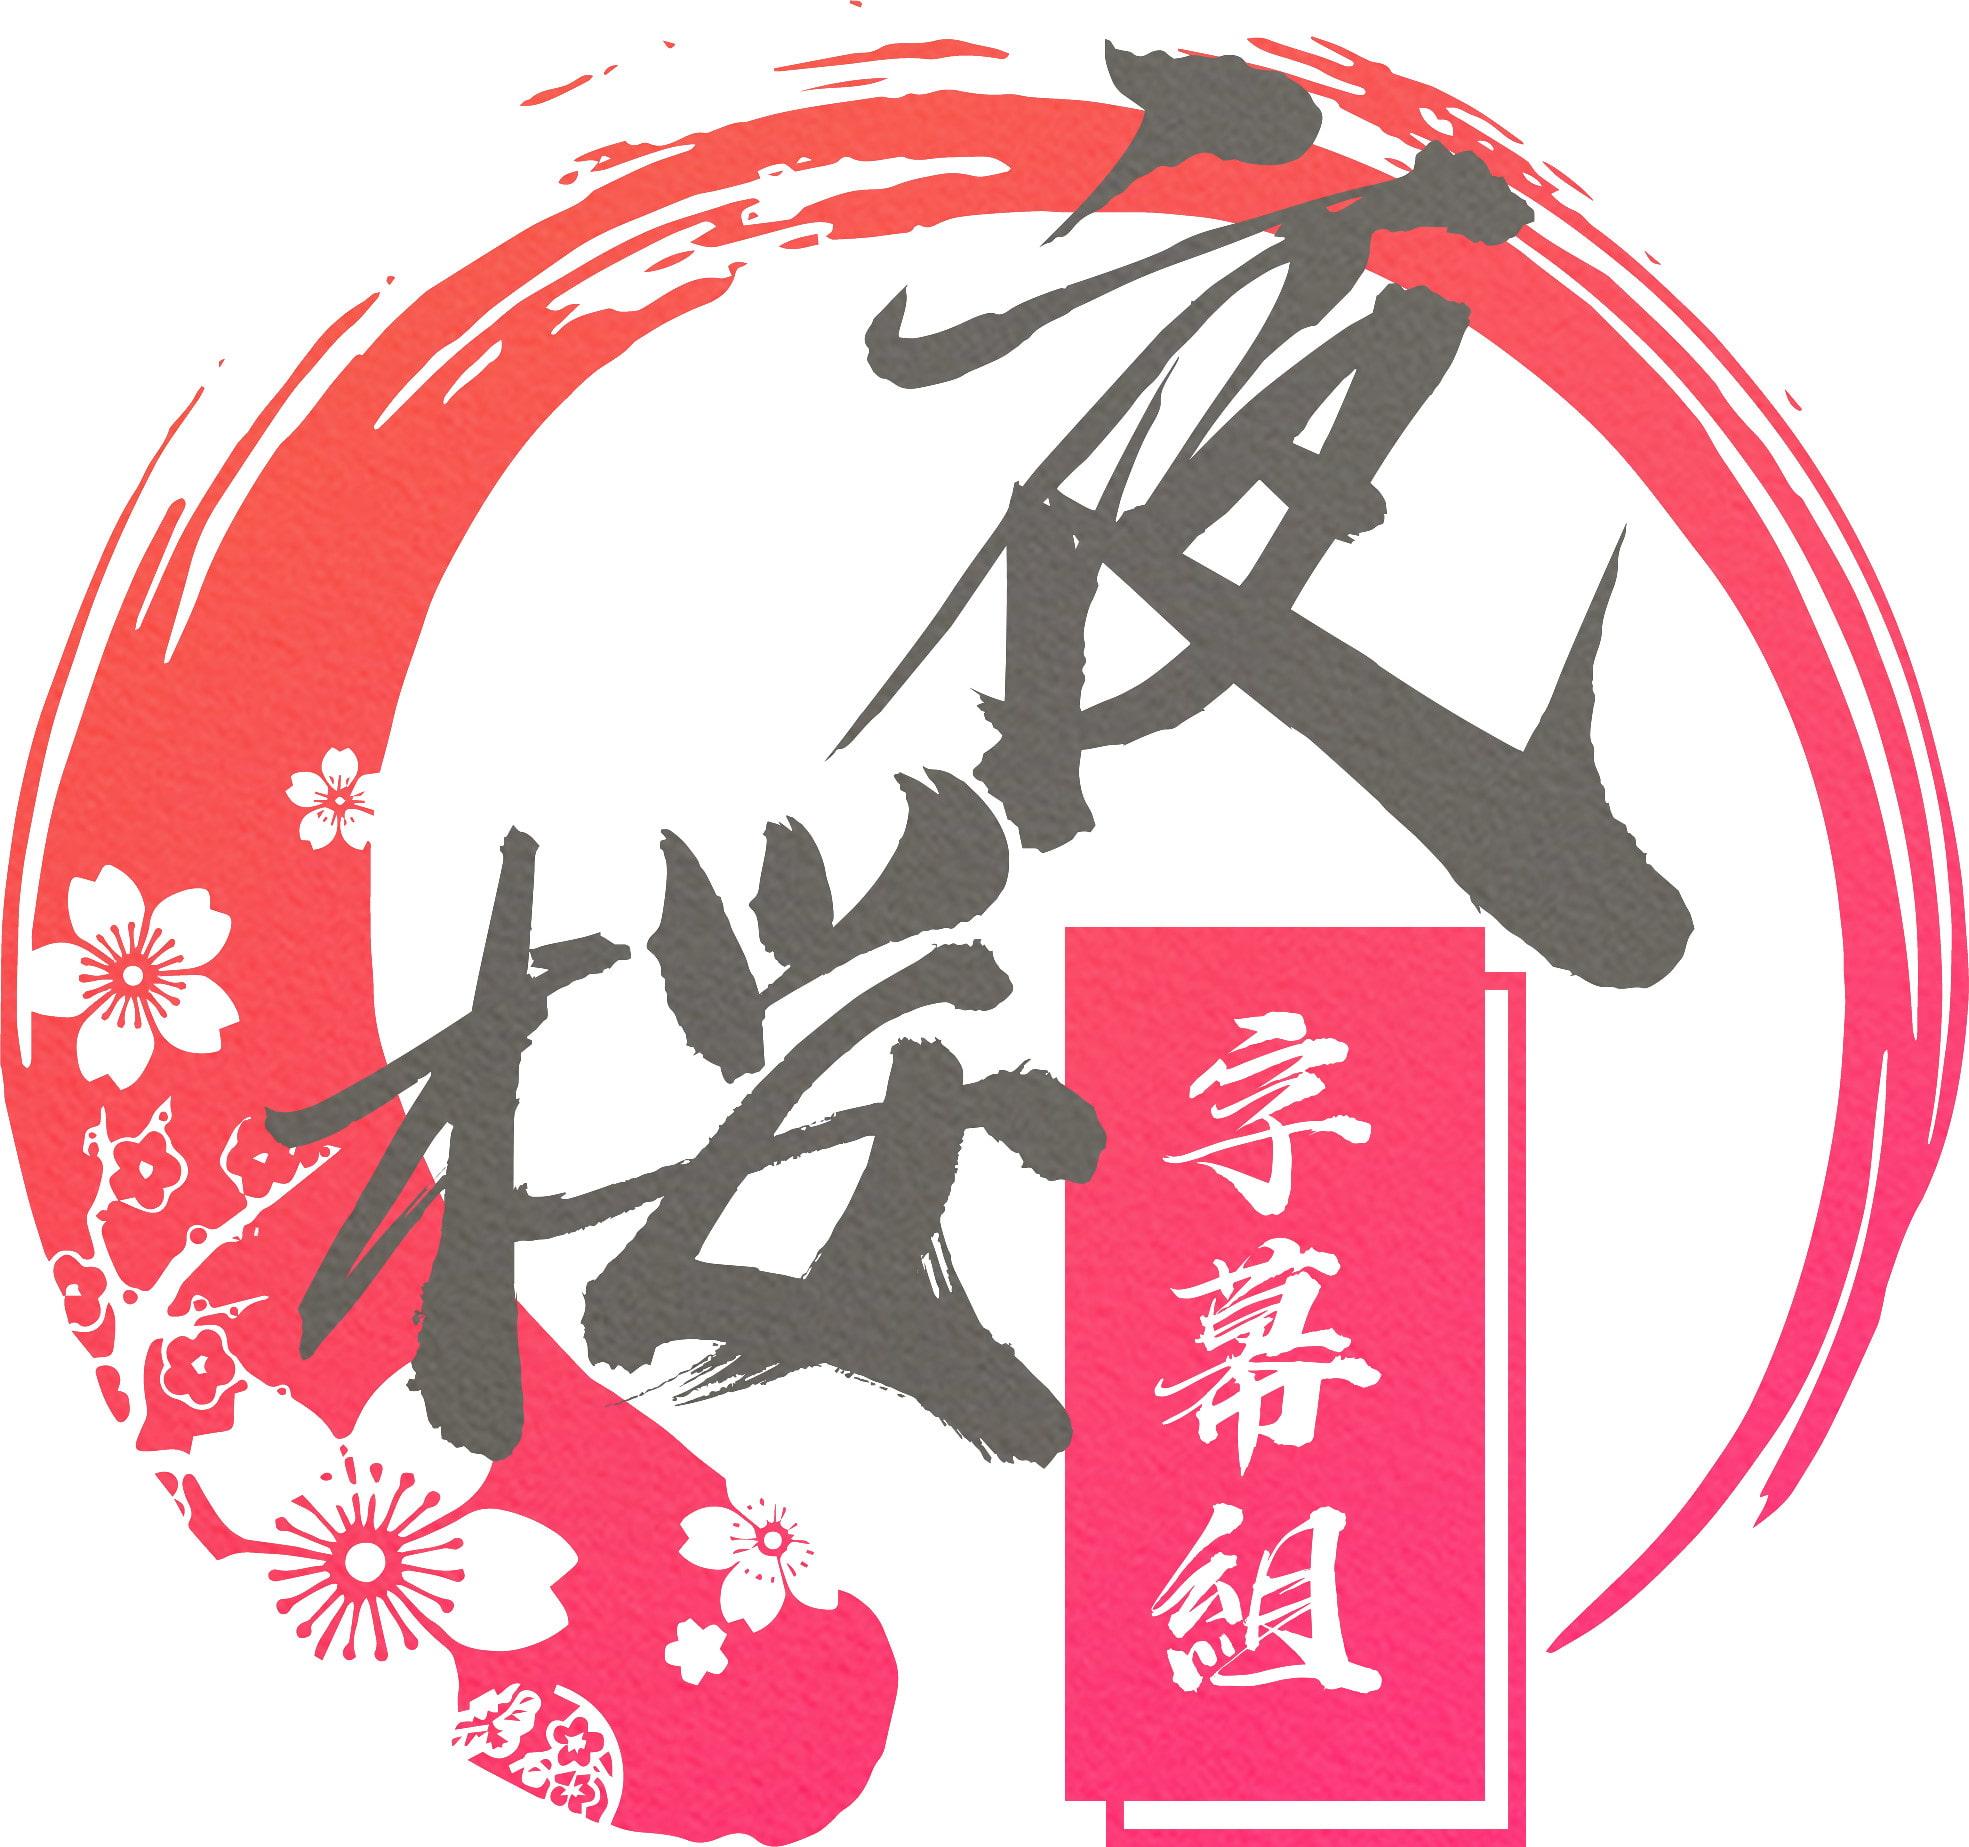 えっちな言葉で学ぼうよ!日本語と中国語編